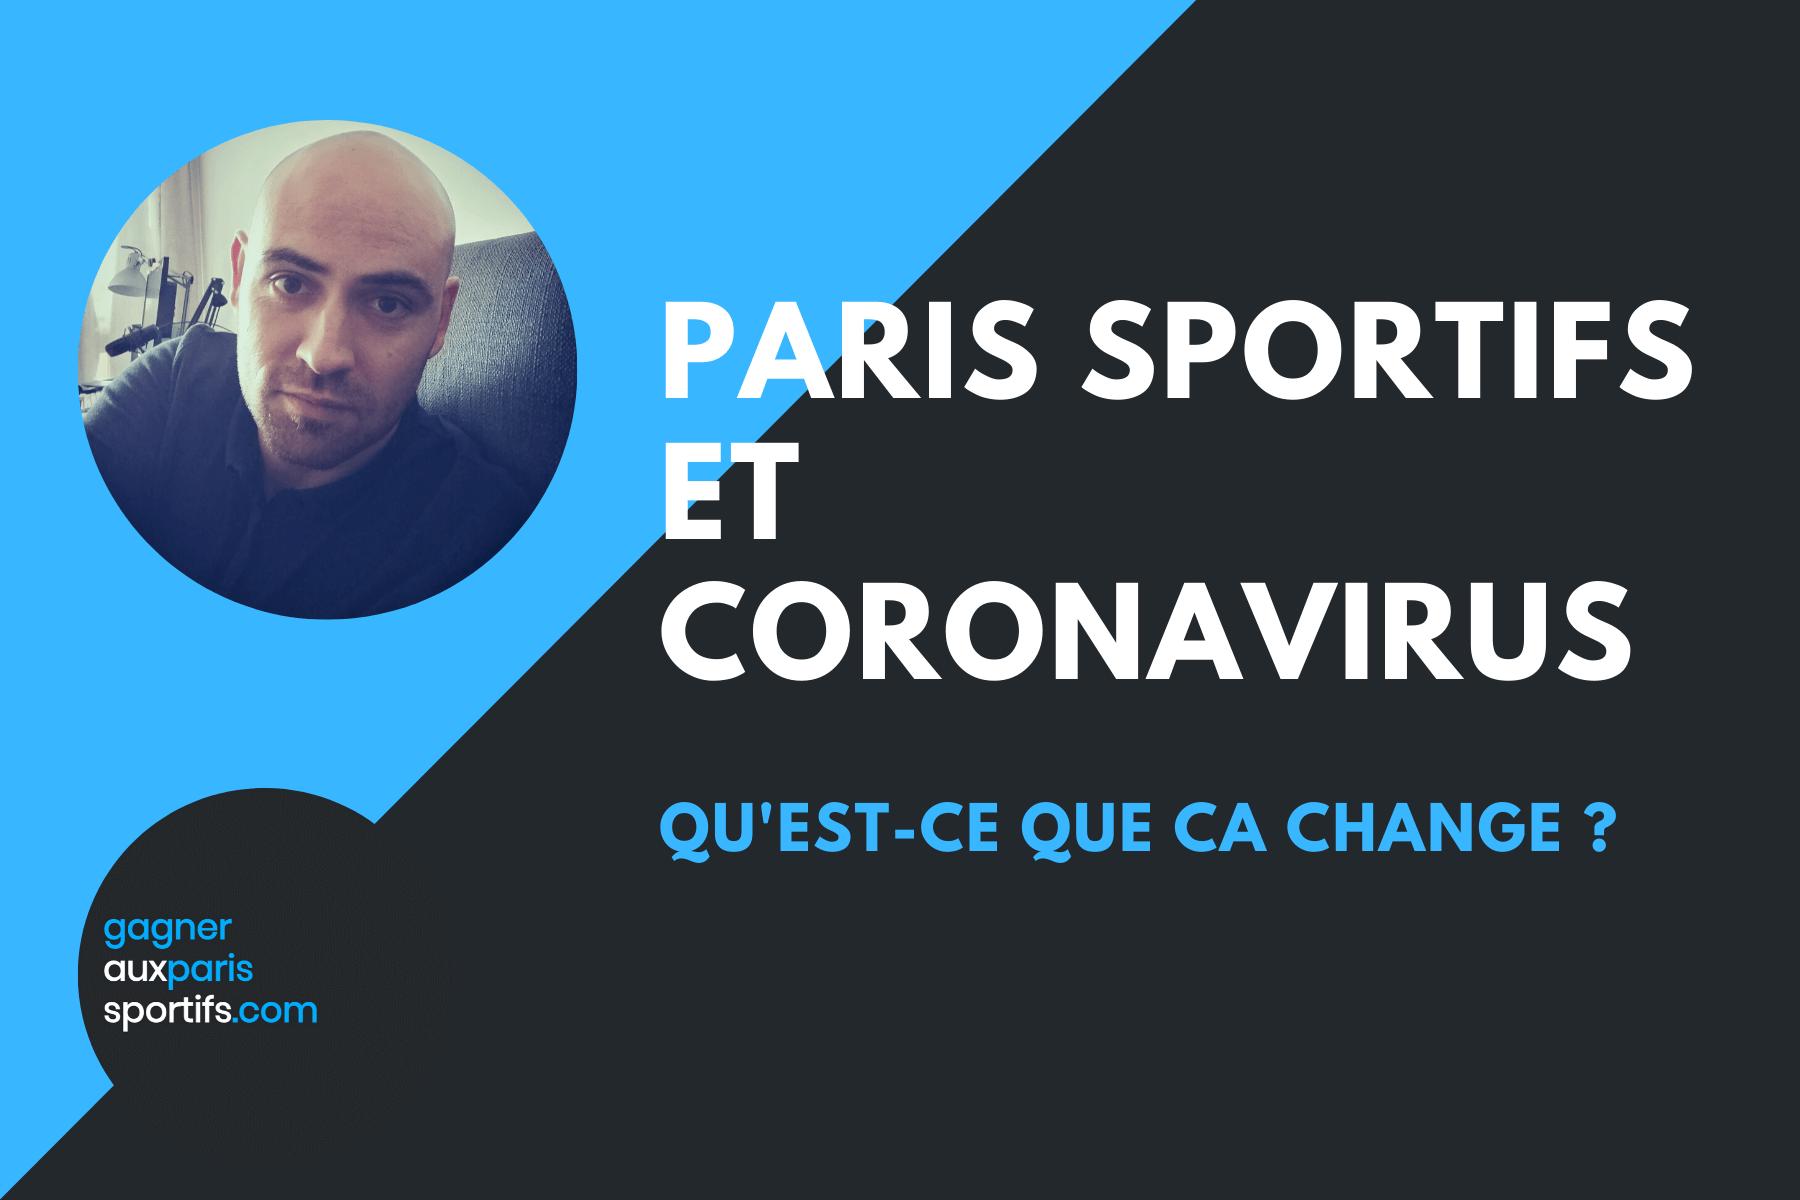 Paris sportifs et Coronavirus qu'est-ce que ça change